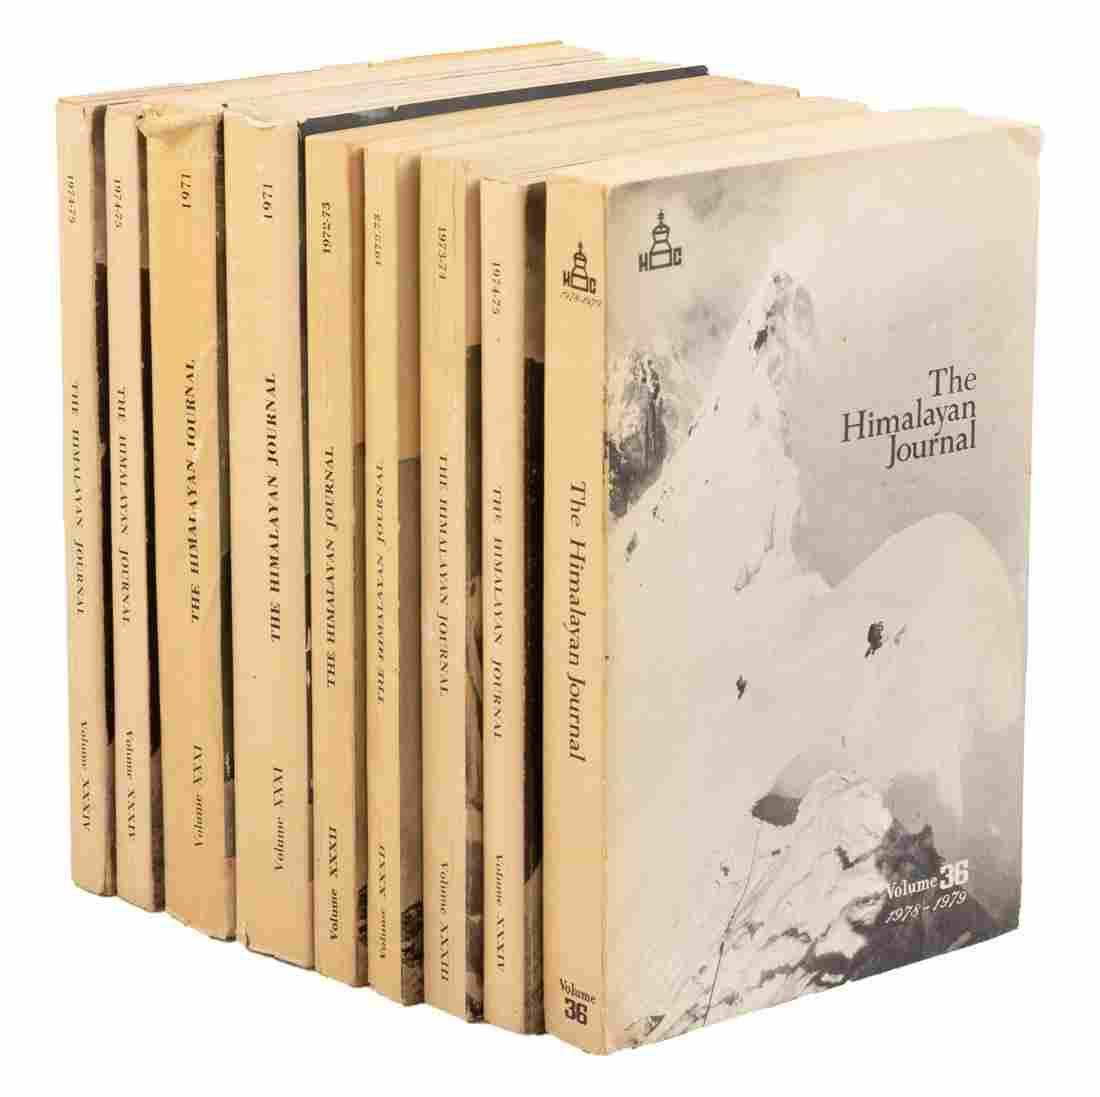 The Himalayan Journal 1930-92